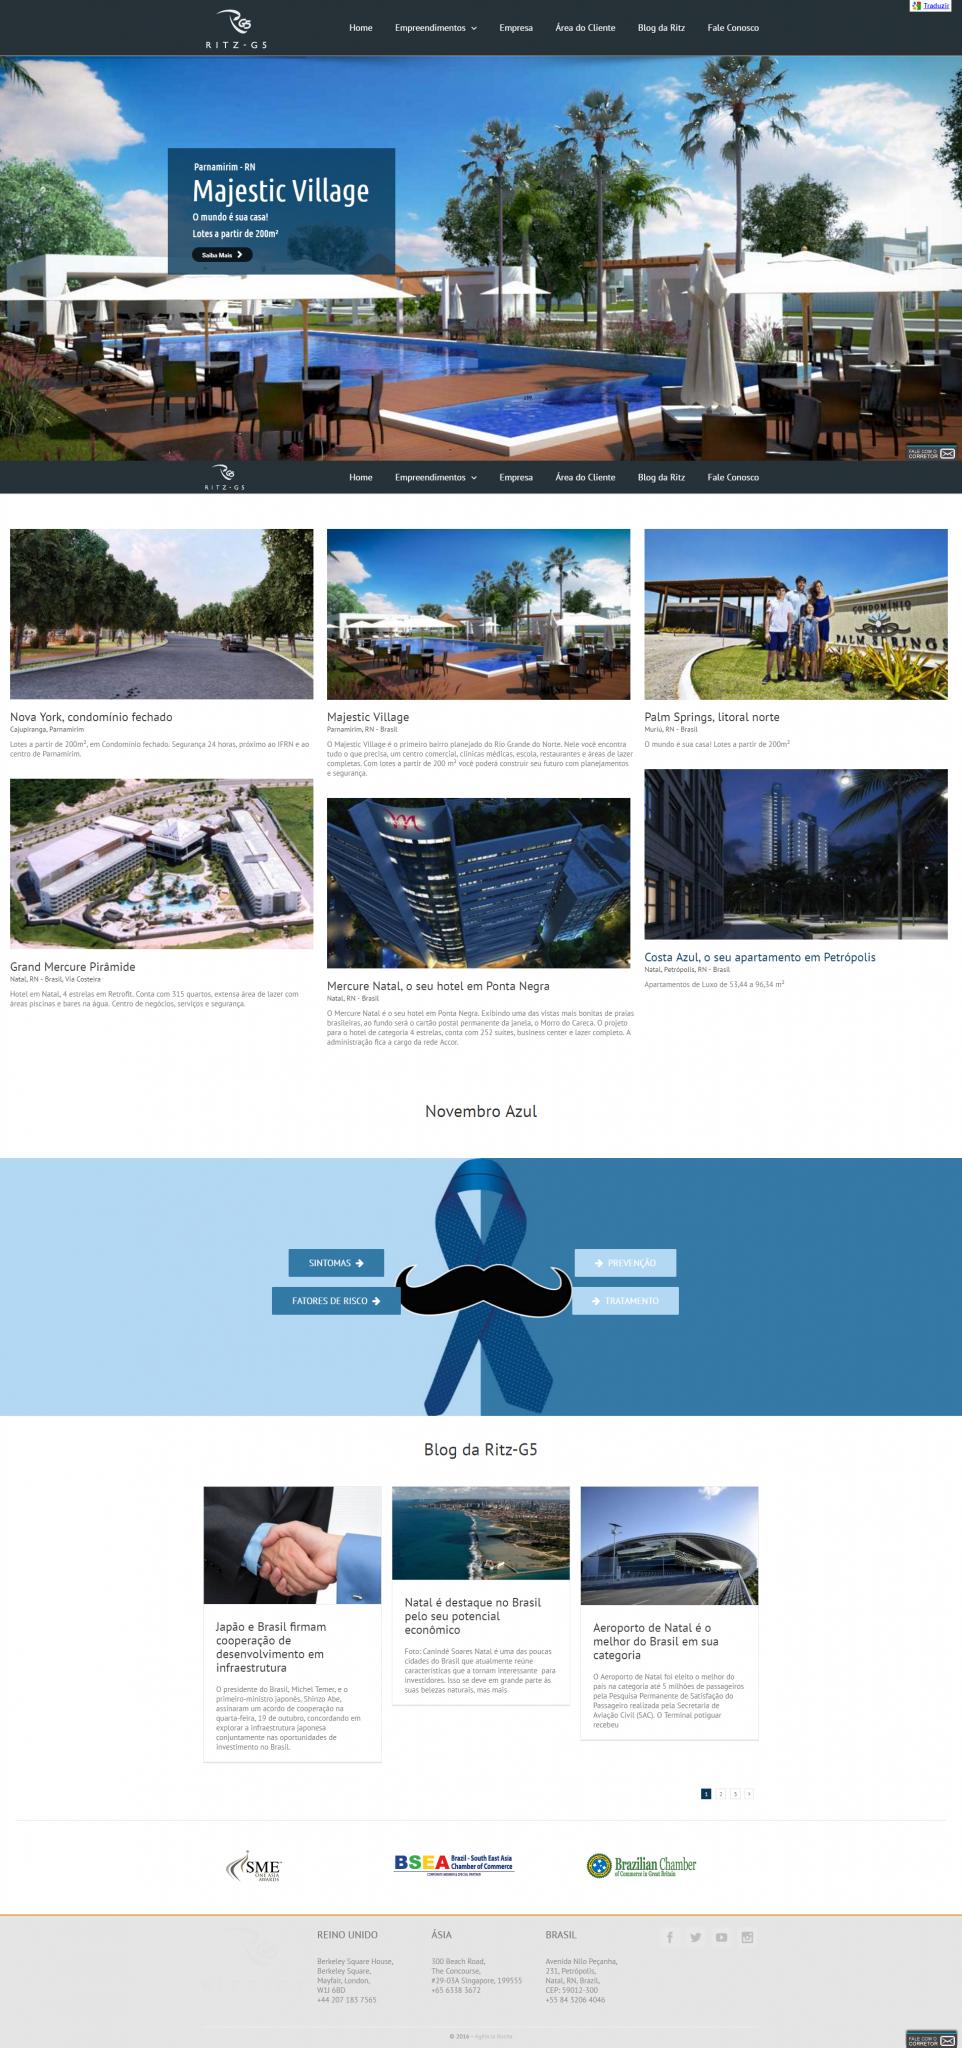 ritz-g5-ritz-investimentos-imobiliarios-de-sucesso-dentro-e-fora-do-brasil